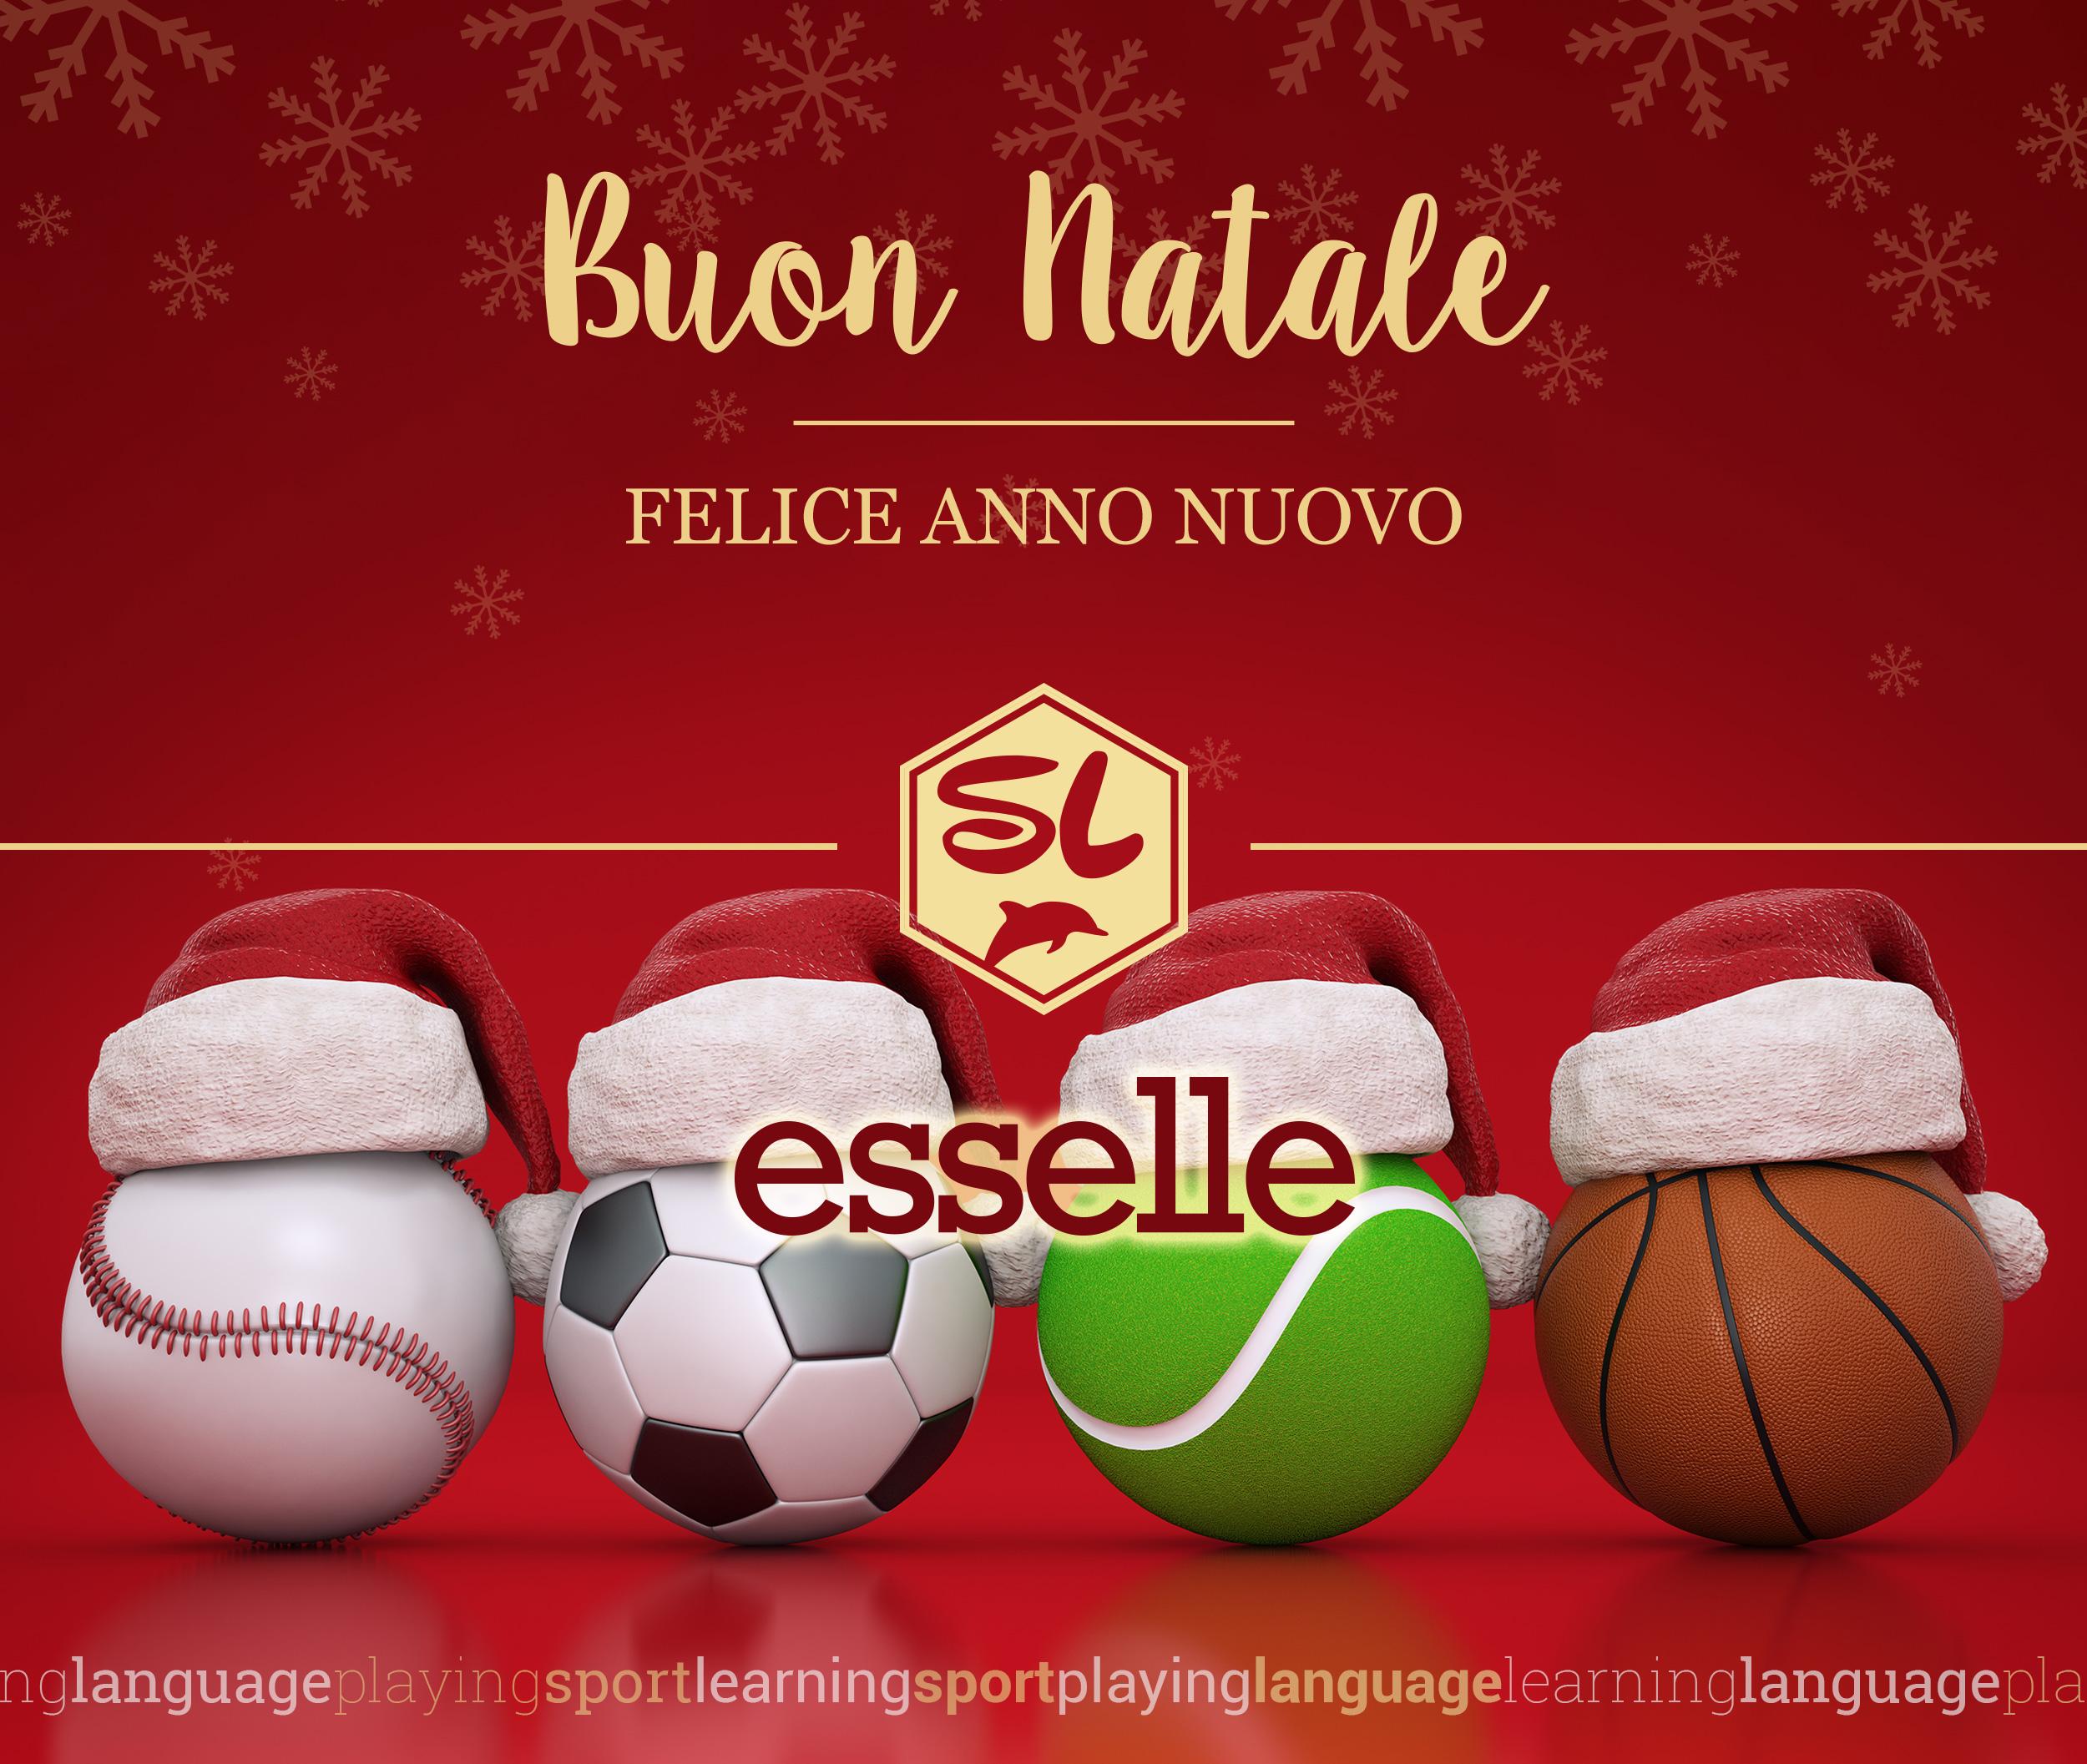 Cartoline Buon Natale E Felice Anno Nuovo.Buon Natale E Felice Anno Nuovo Esselle Campus